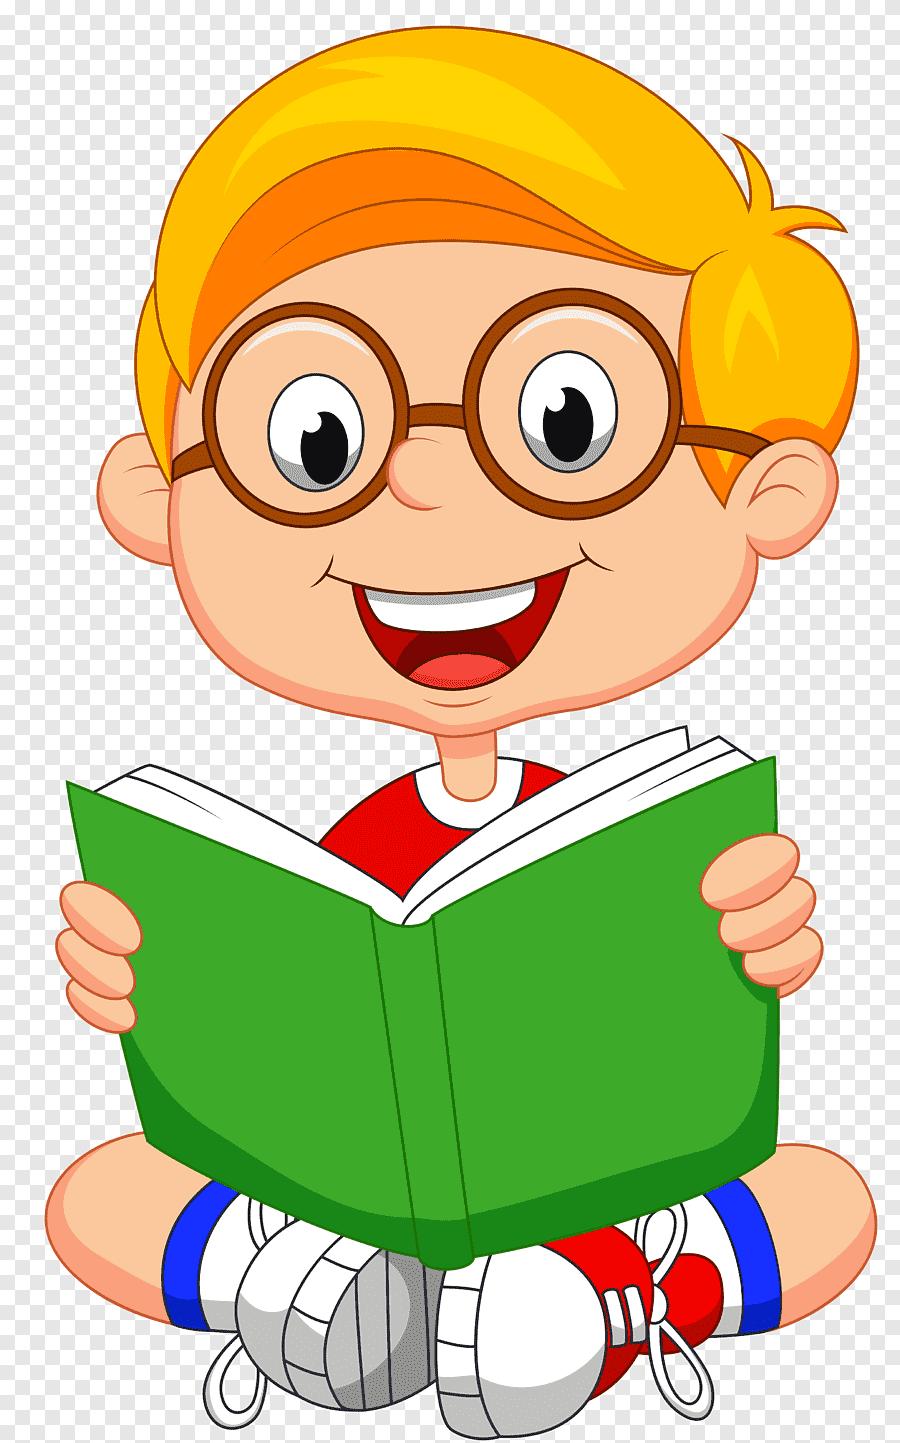 Kartun Anak Membaca Buku : kartun, membaca, Membaca, Buku,, Anak,, Tangan, PNGEgg